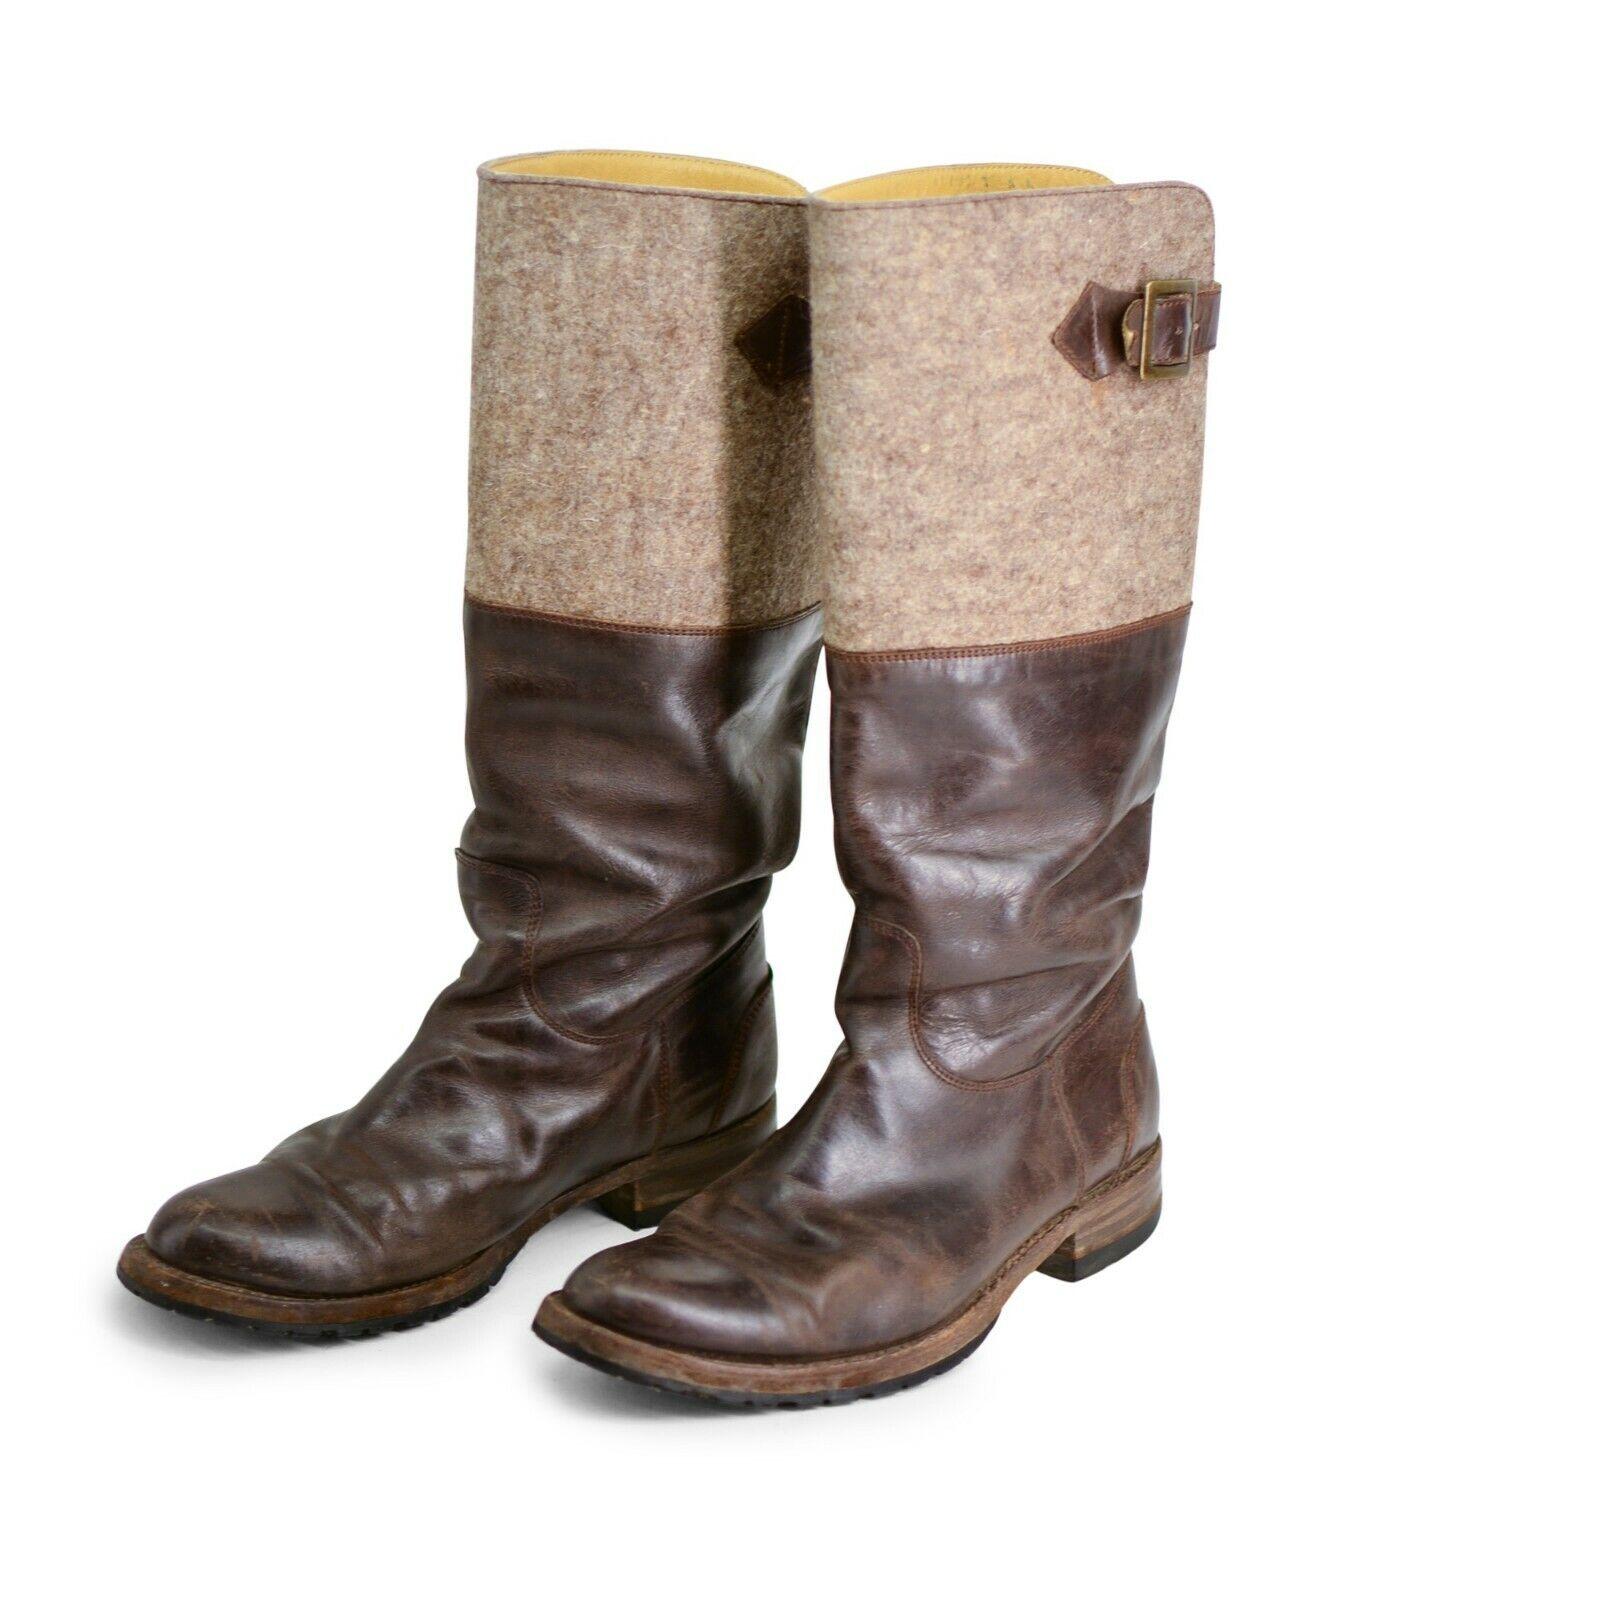 prezzi bassissimi Sendra stivali stivali stivali donna LADY taglia EU40, UK7, US 7 1 2 Marrone MADE IN SPAGNA Autentico  Miglior prezzo